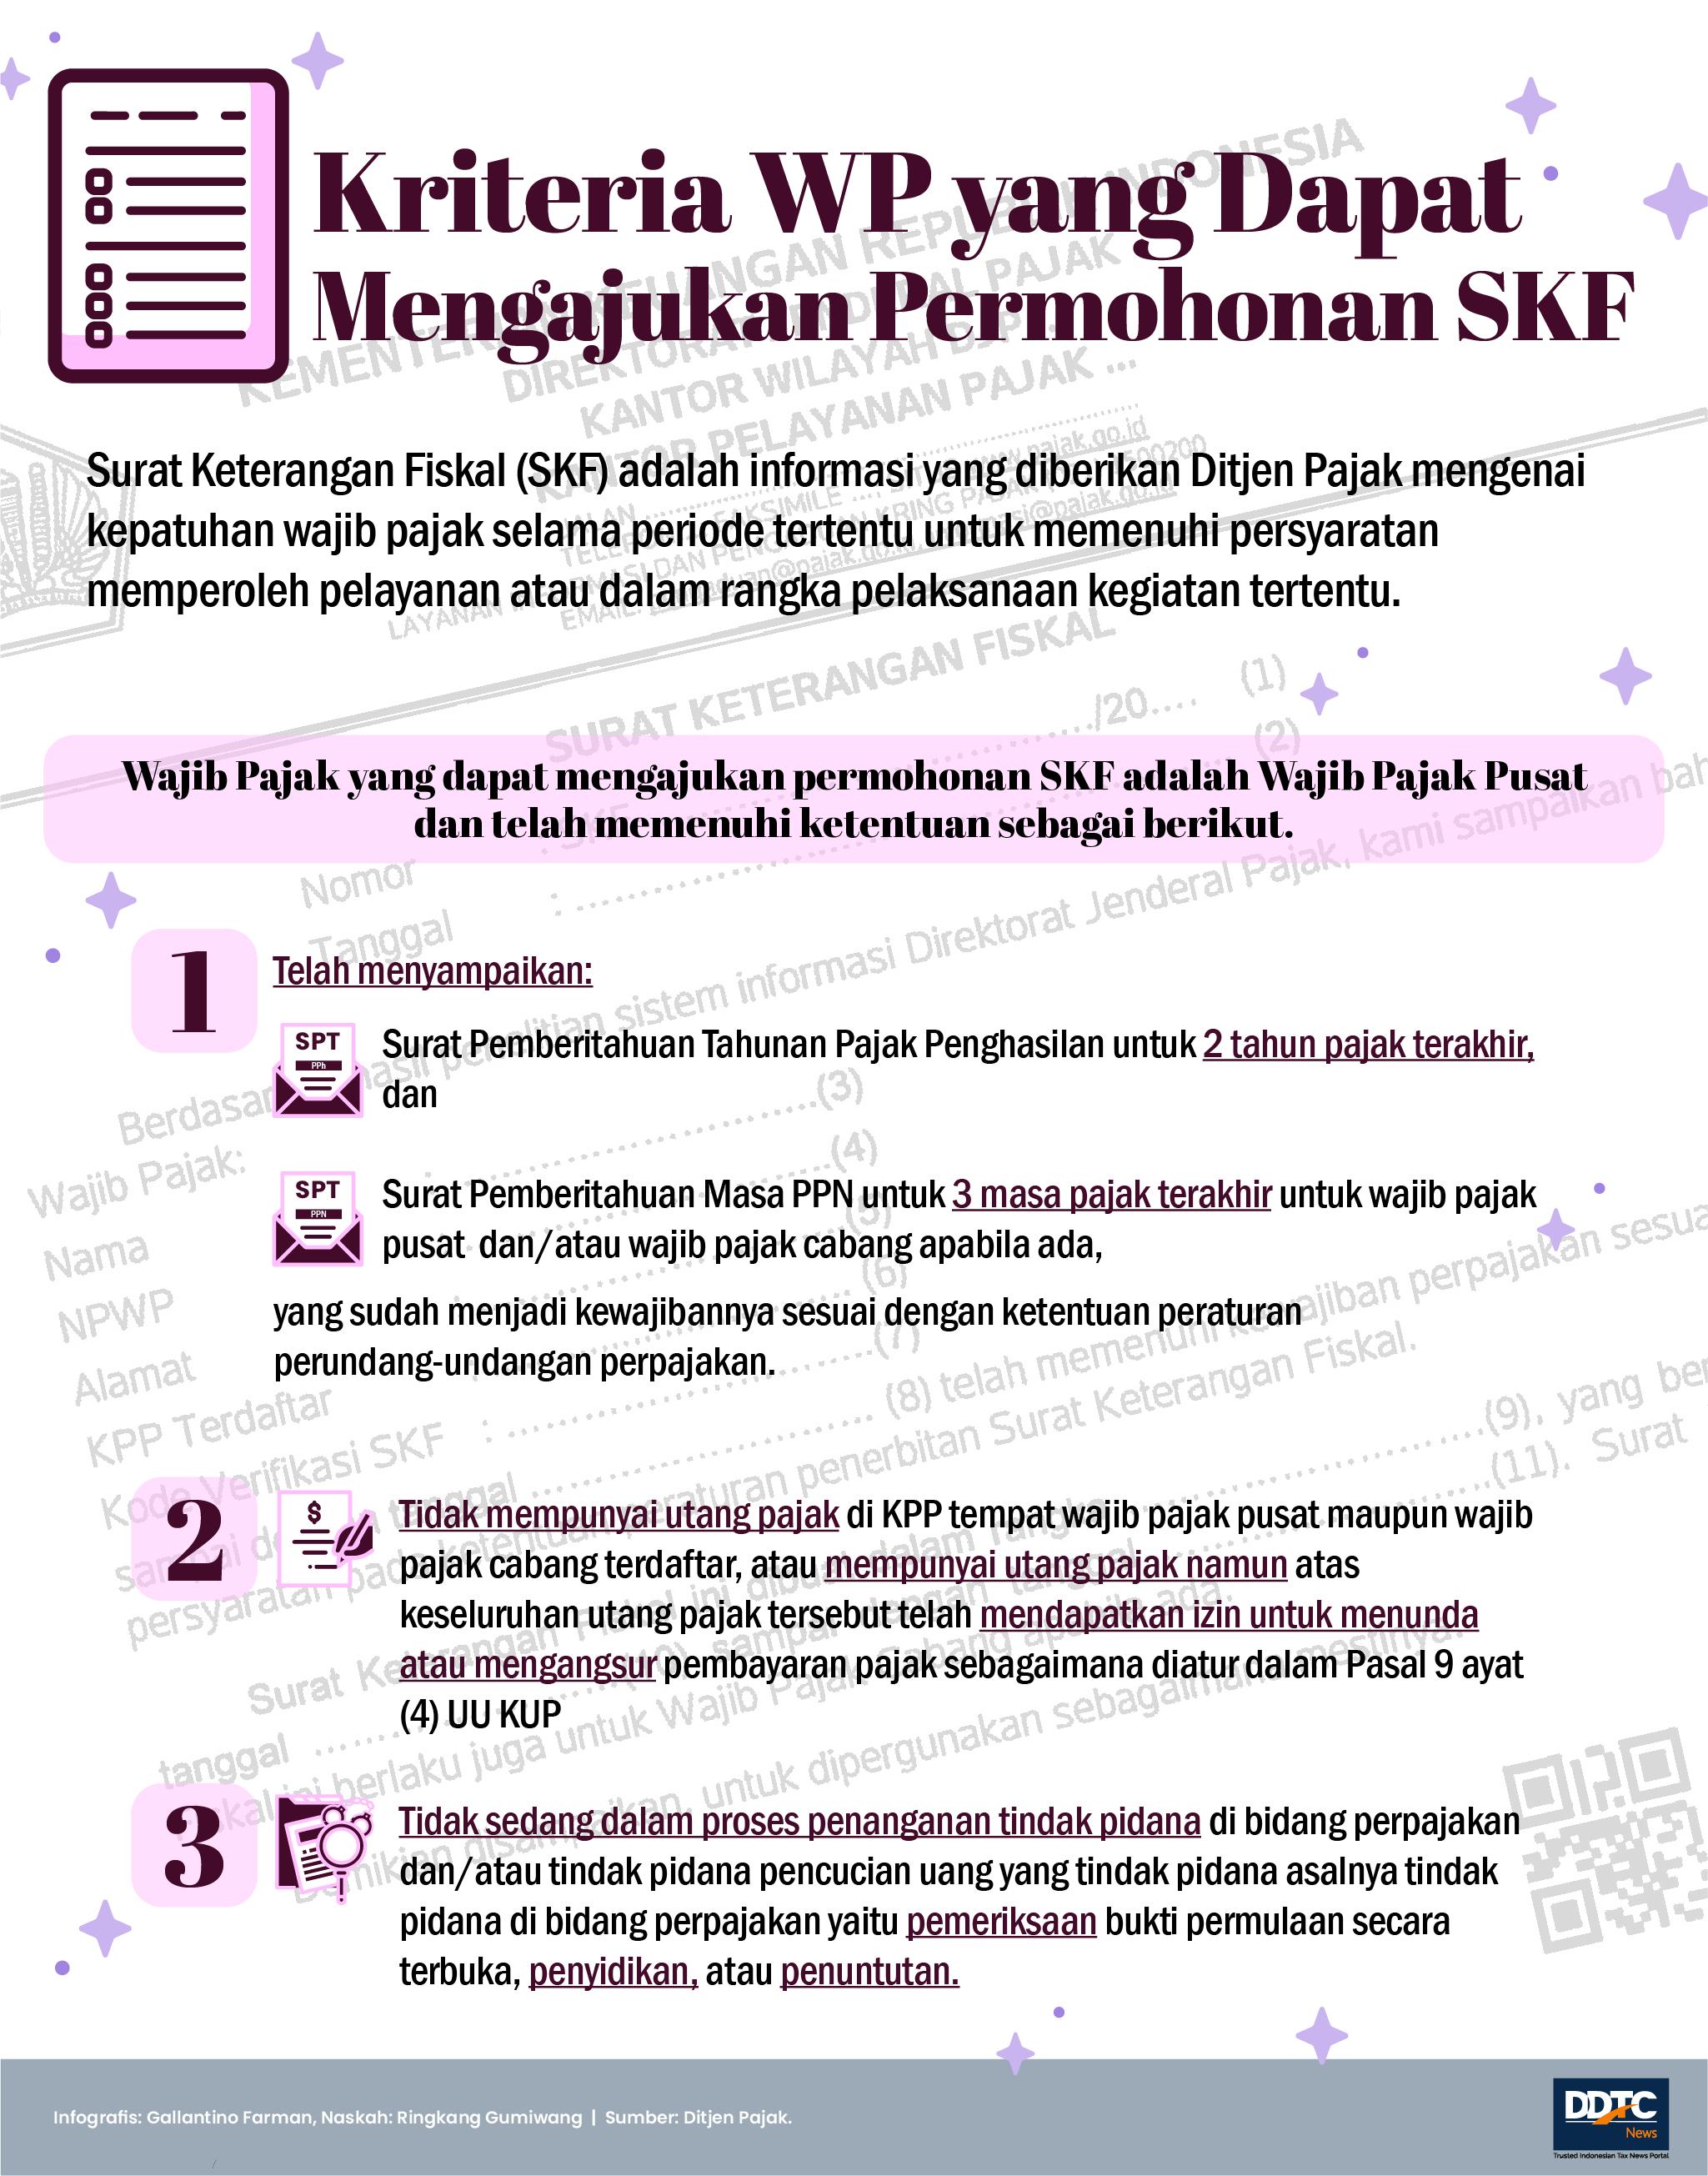 Kriteria Wajib Pajak yang Dapat Mengajukan Surat Keterangan Fiskal